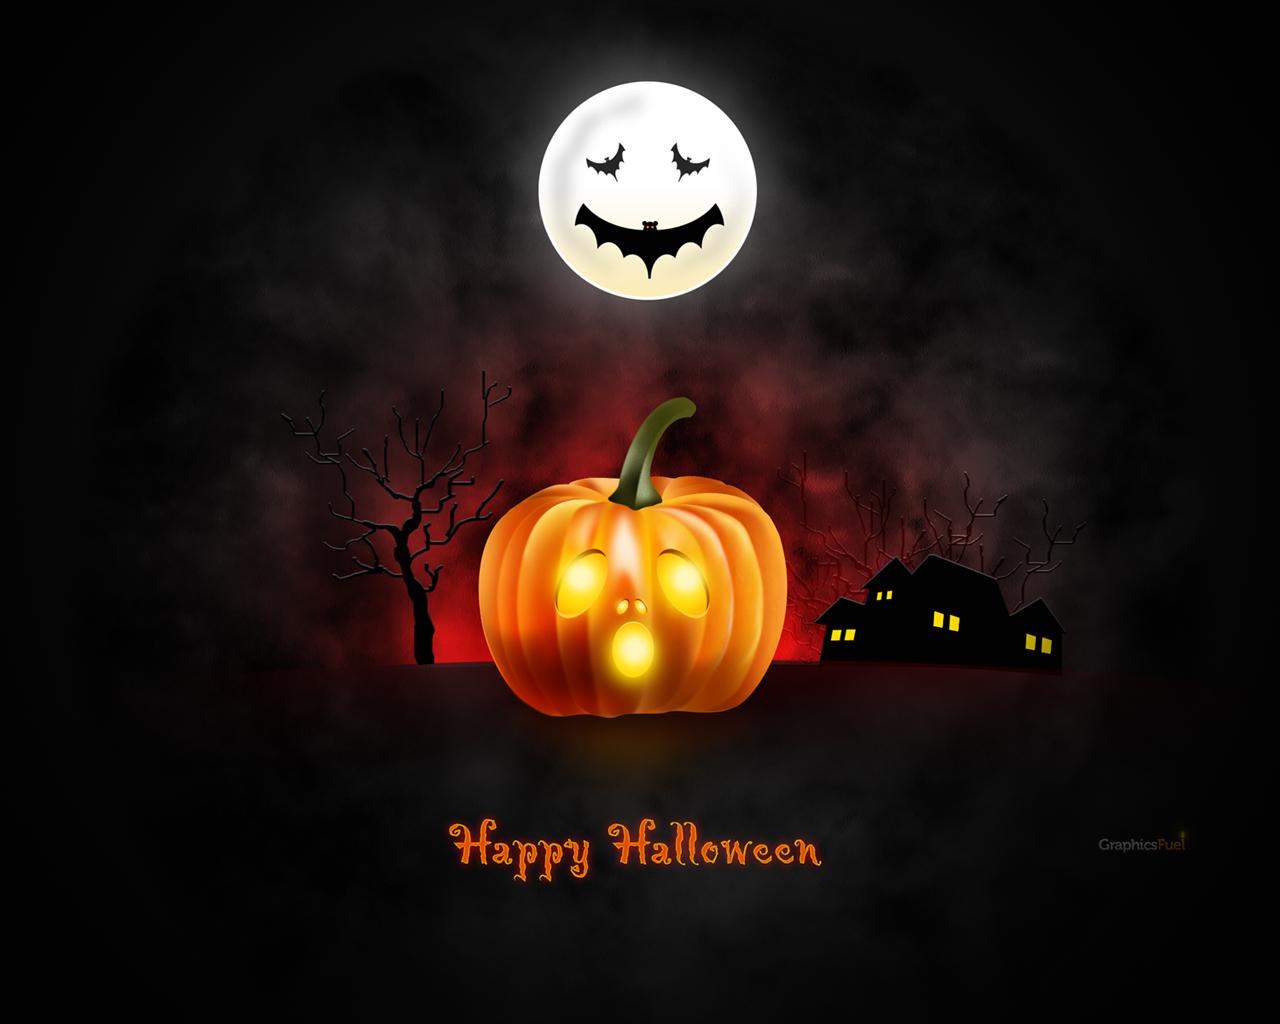 halloween wallpaper for desktop ipad amp iphone psd